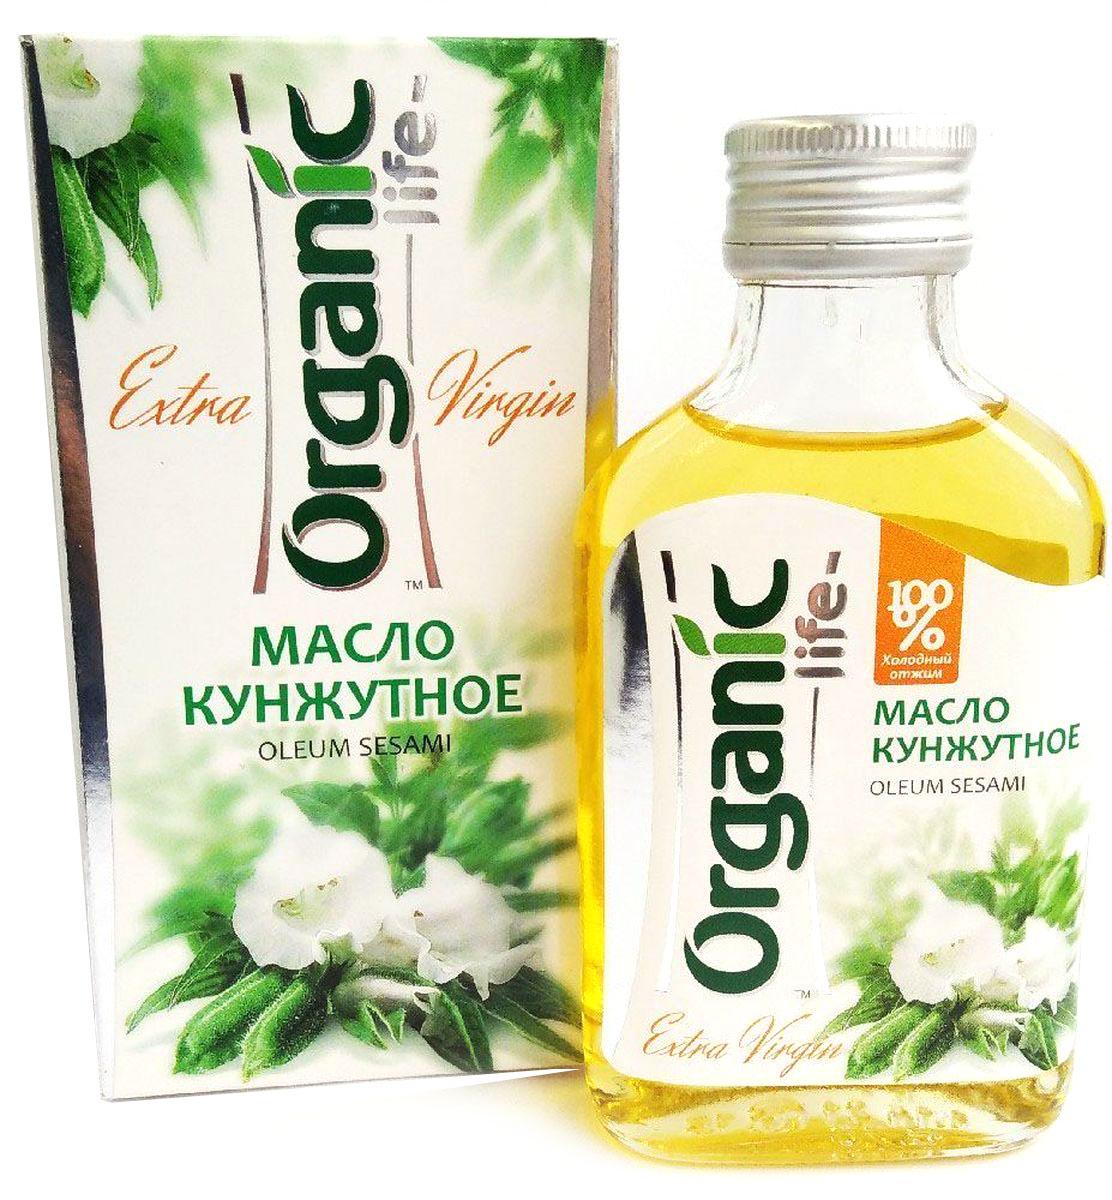 Organic Life масло кунжутное, 100 мл212024Кунжутное масло – продукт здорового питания с идеальным балансом жирных кислот – олеиновой и линолевой, – что способствует снижению уровня холестерина и поддержанию защитных сил организма. Уникальная особенность кунжутного масла - наличие сезамола, природного антиоксиданта, который поддерживает молодость клеток, участвует в кислородном обмене и укрепляет иммунитет. Сезамол способствует защите от вредного воздействия ультрафиолета, если нанести масло кунжута на кожу во время солнечных ванн. Гармоничное сочетание полезных компонентов в составе масла кунжута благотворно влияет на состояние сердечно сосудистой системы. В кулинарии масло кунжута используется для заправки салатов и готовых блюд, придавая им оригинальный вкус и неповторимый аромат. Способ применения: по 1 ч.л. 2-3 раза 8 дней.Масла для здорового питания: мнение диетолога. Статья OZON Гид